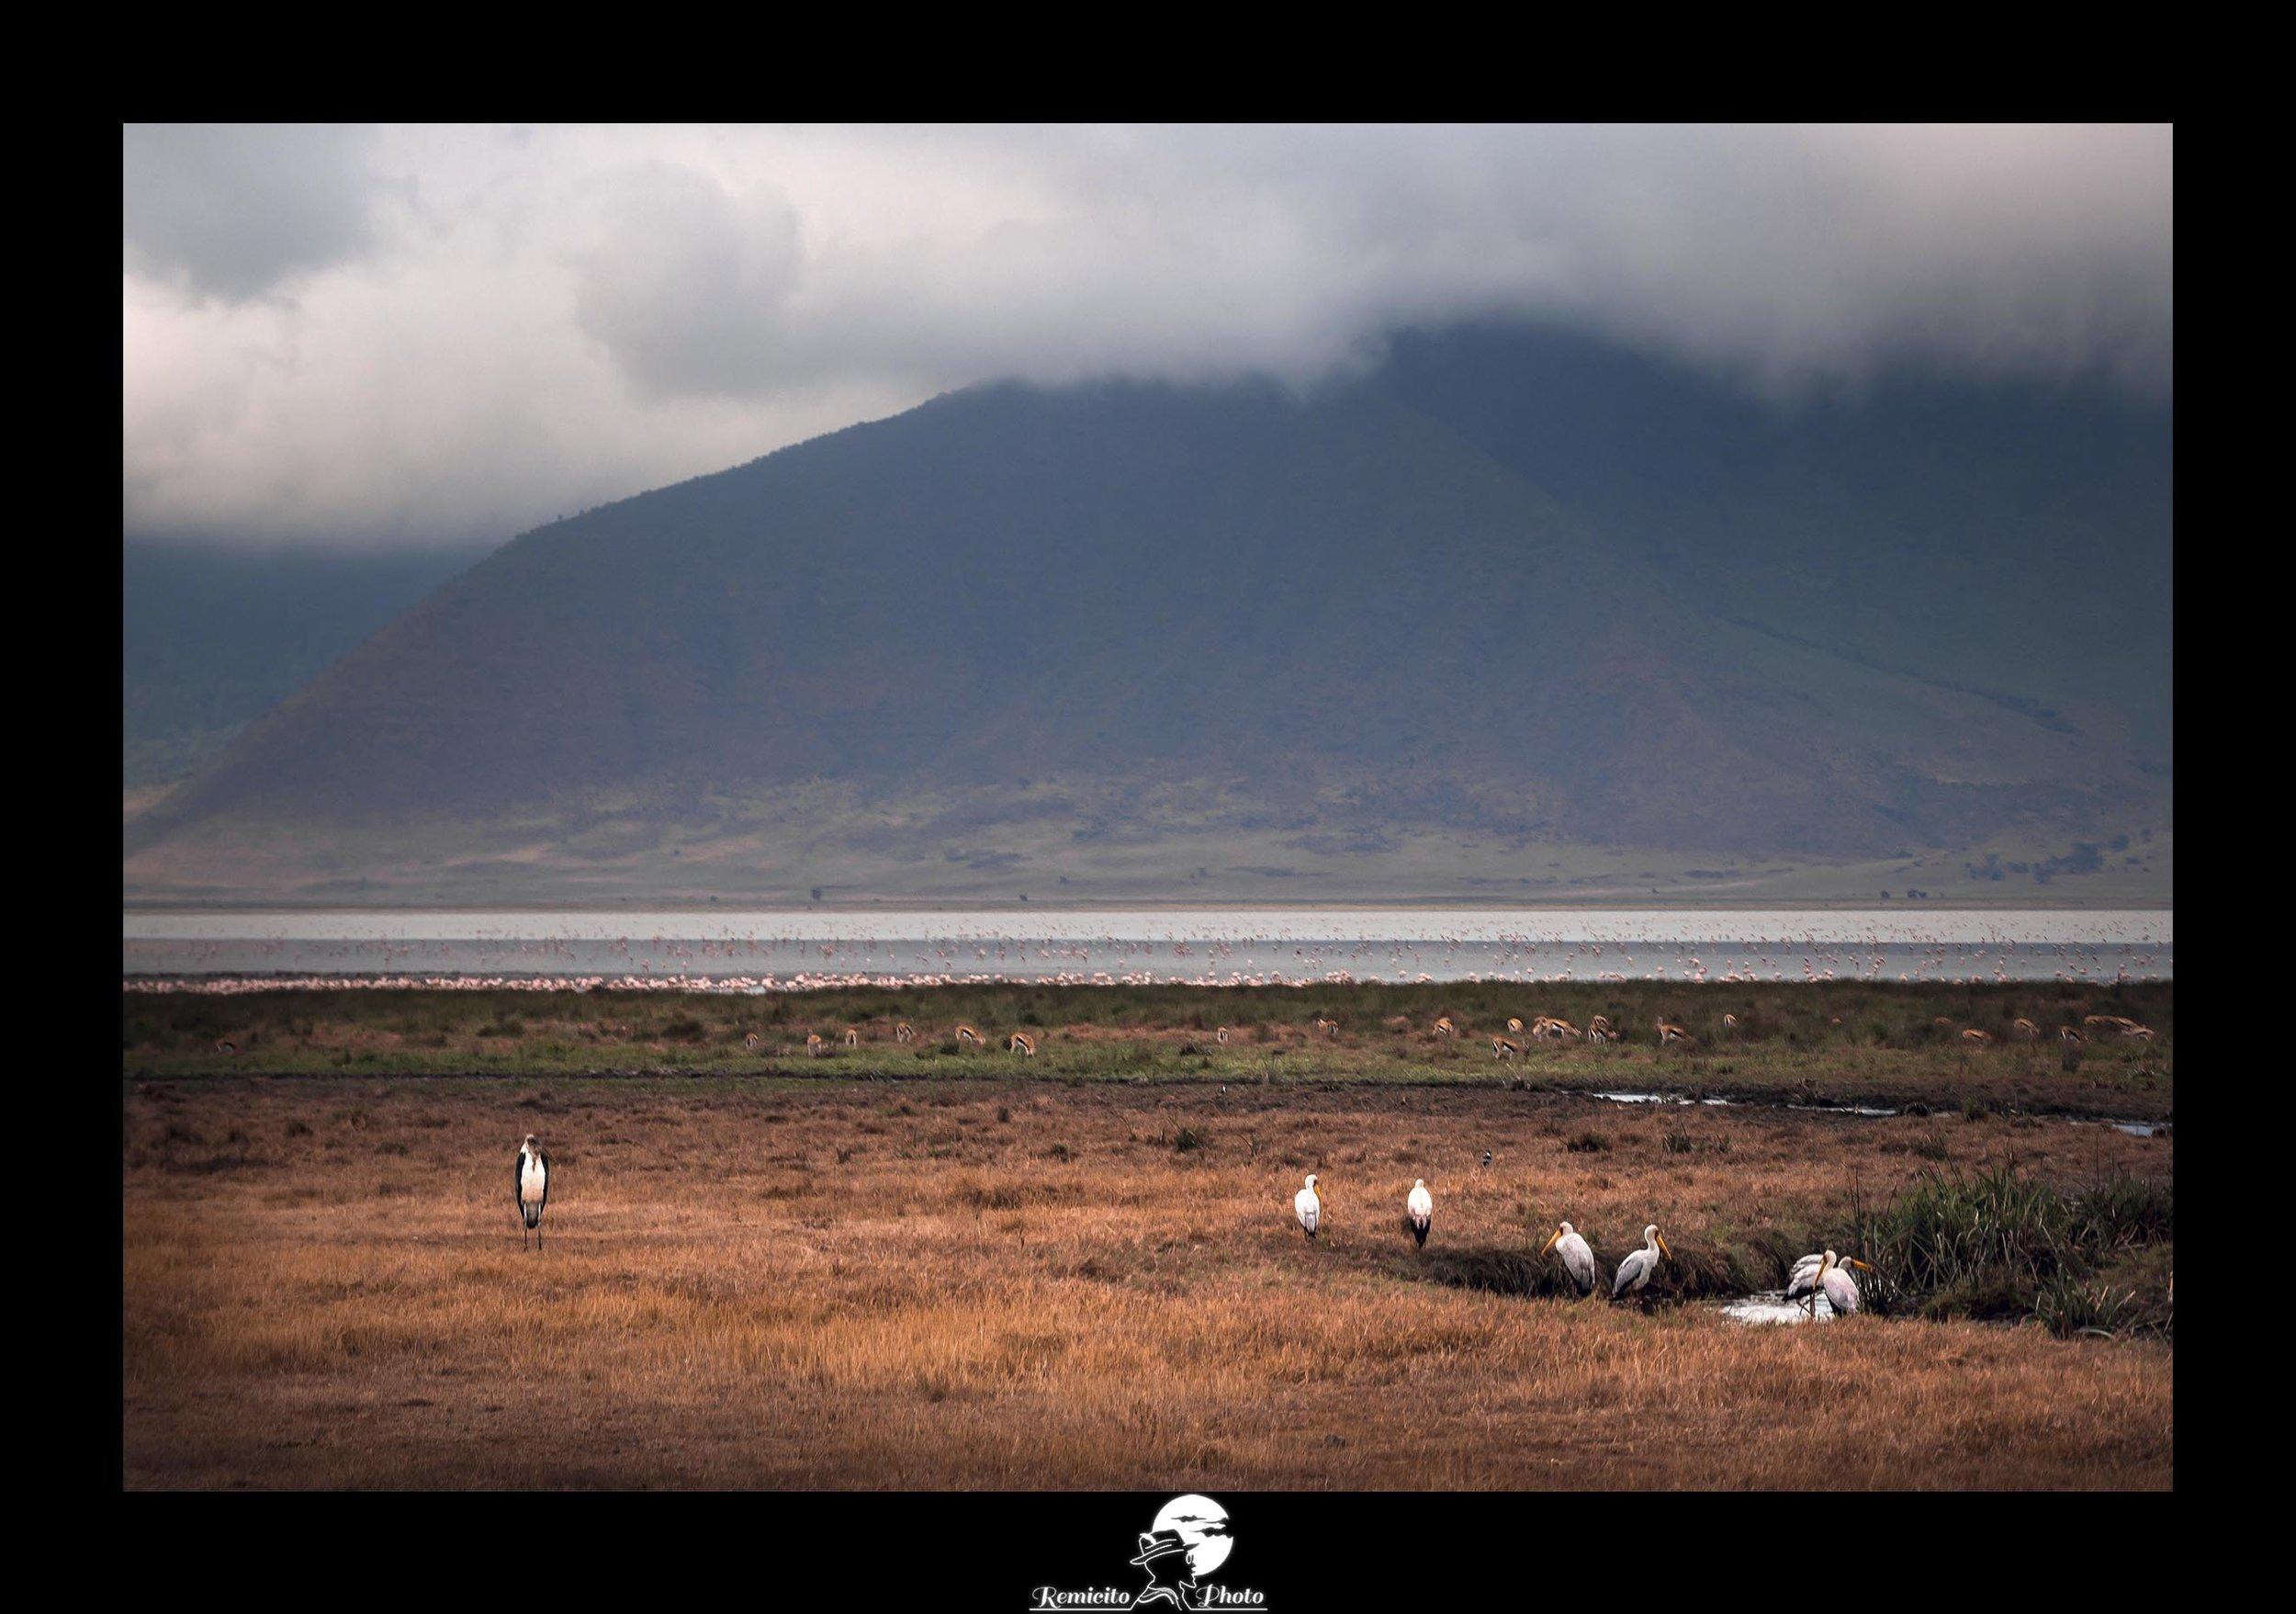 Remicito photo, remicito rémi lacombe photographe, belle photo tanzanie cratère ngorongoro, belle photo idée cadeau afrique animaux tanzanie